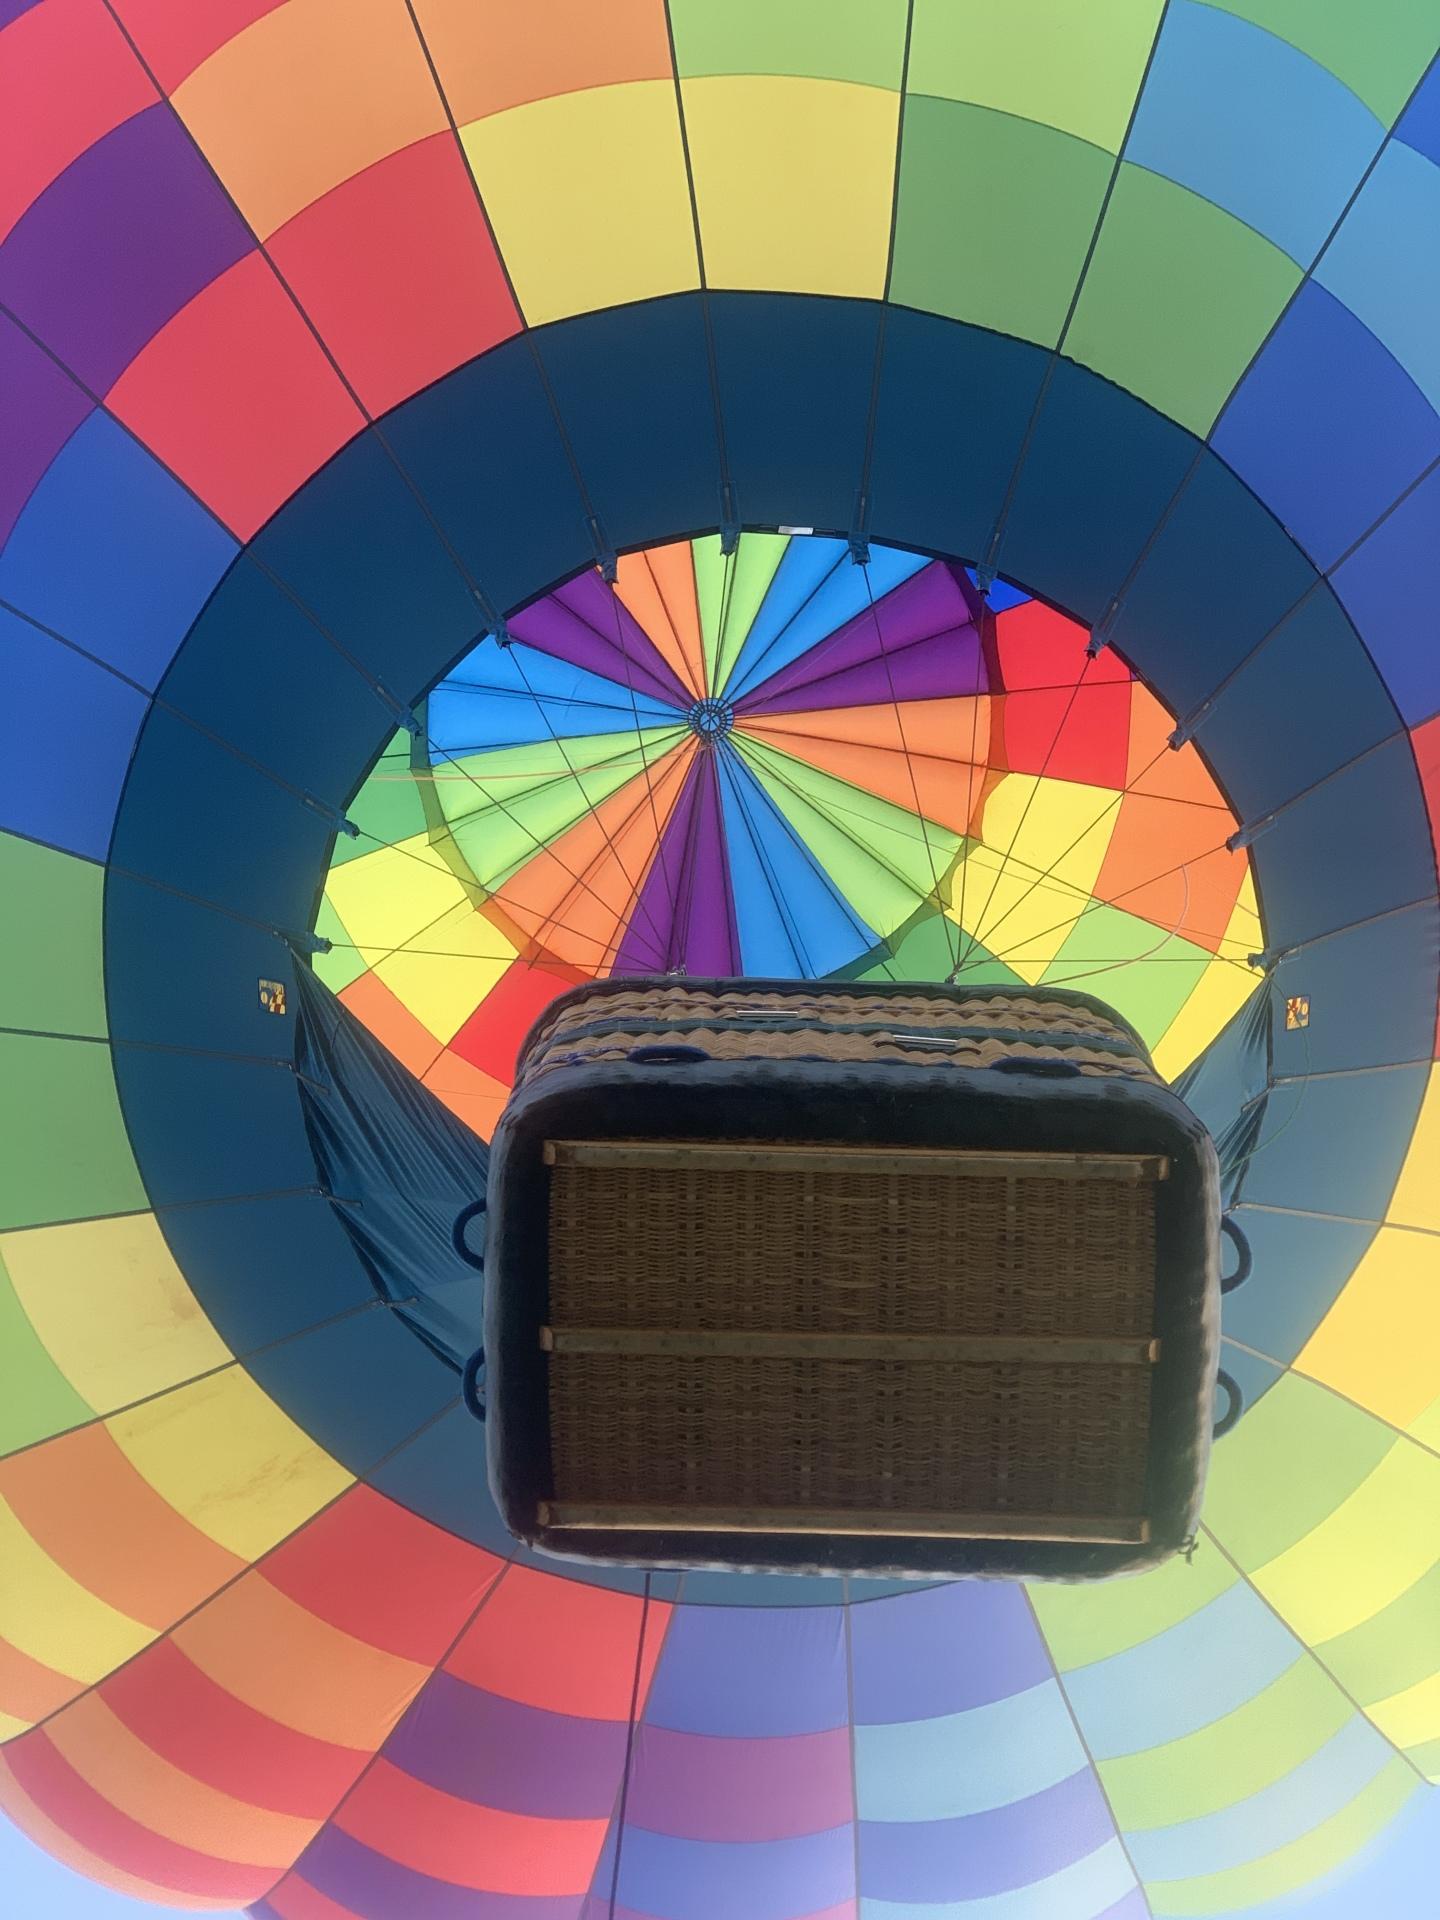 Atlanta Hot Air Balloon Rides